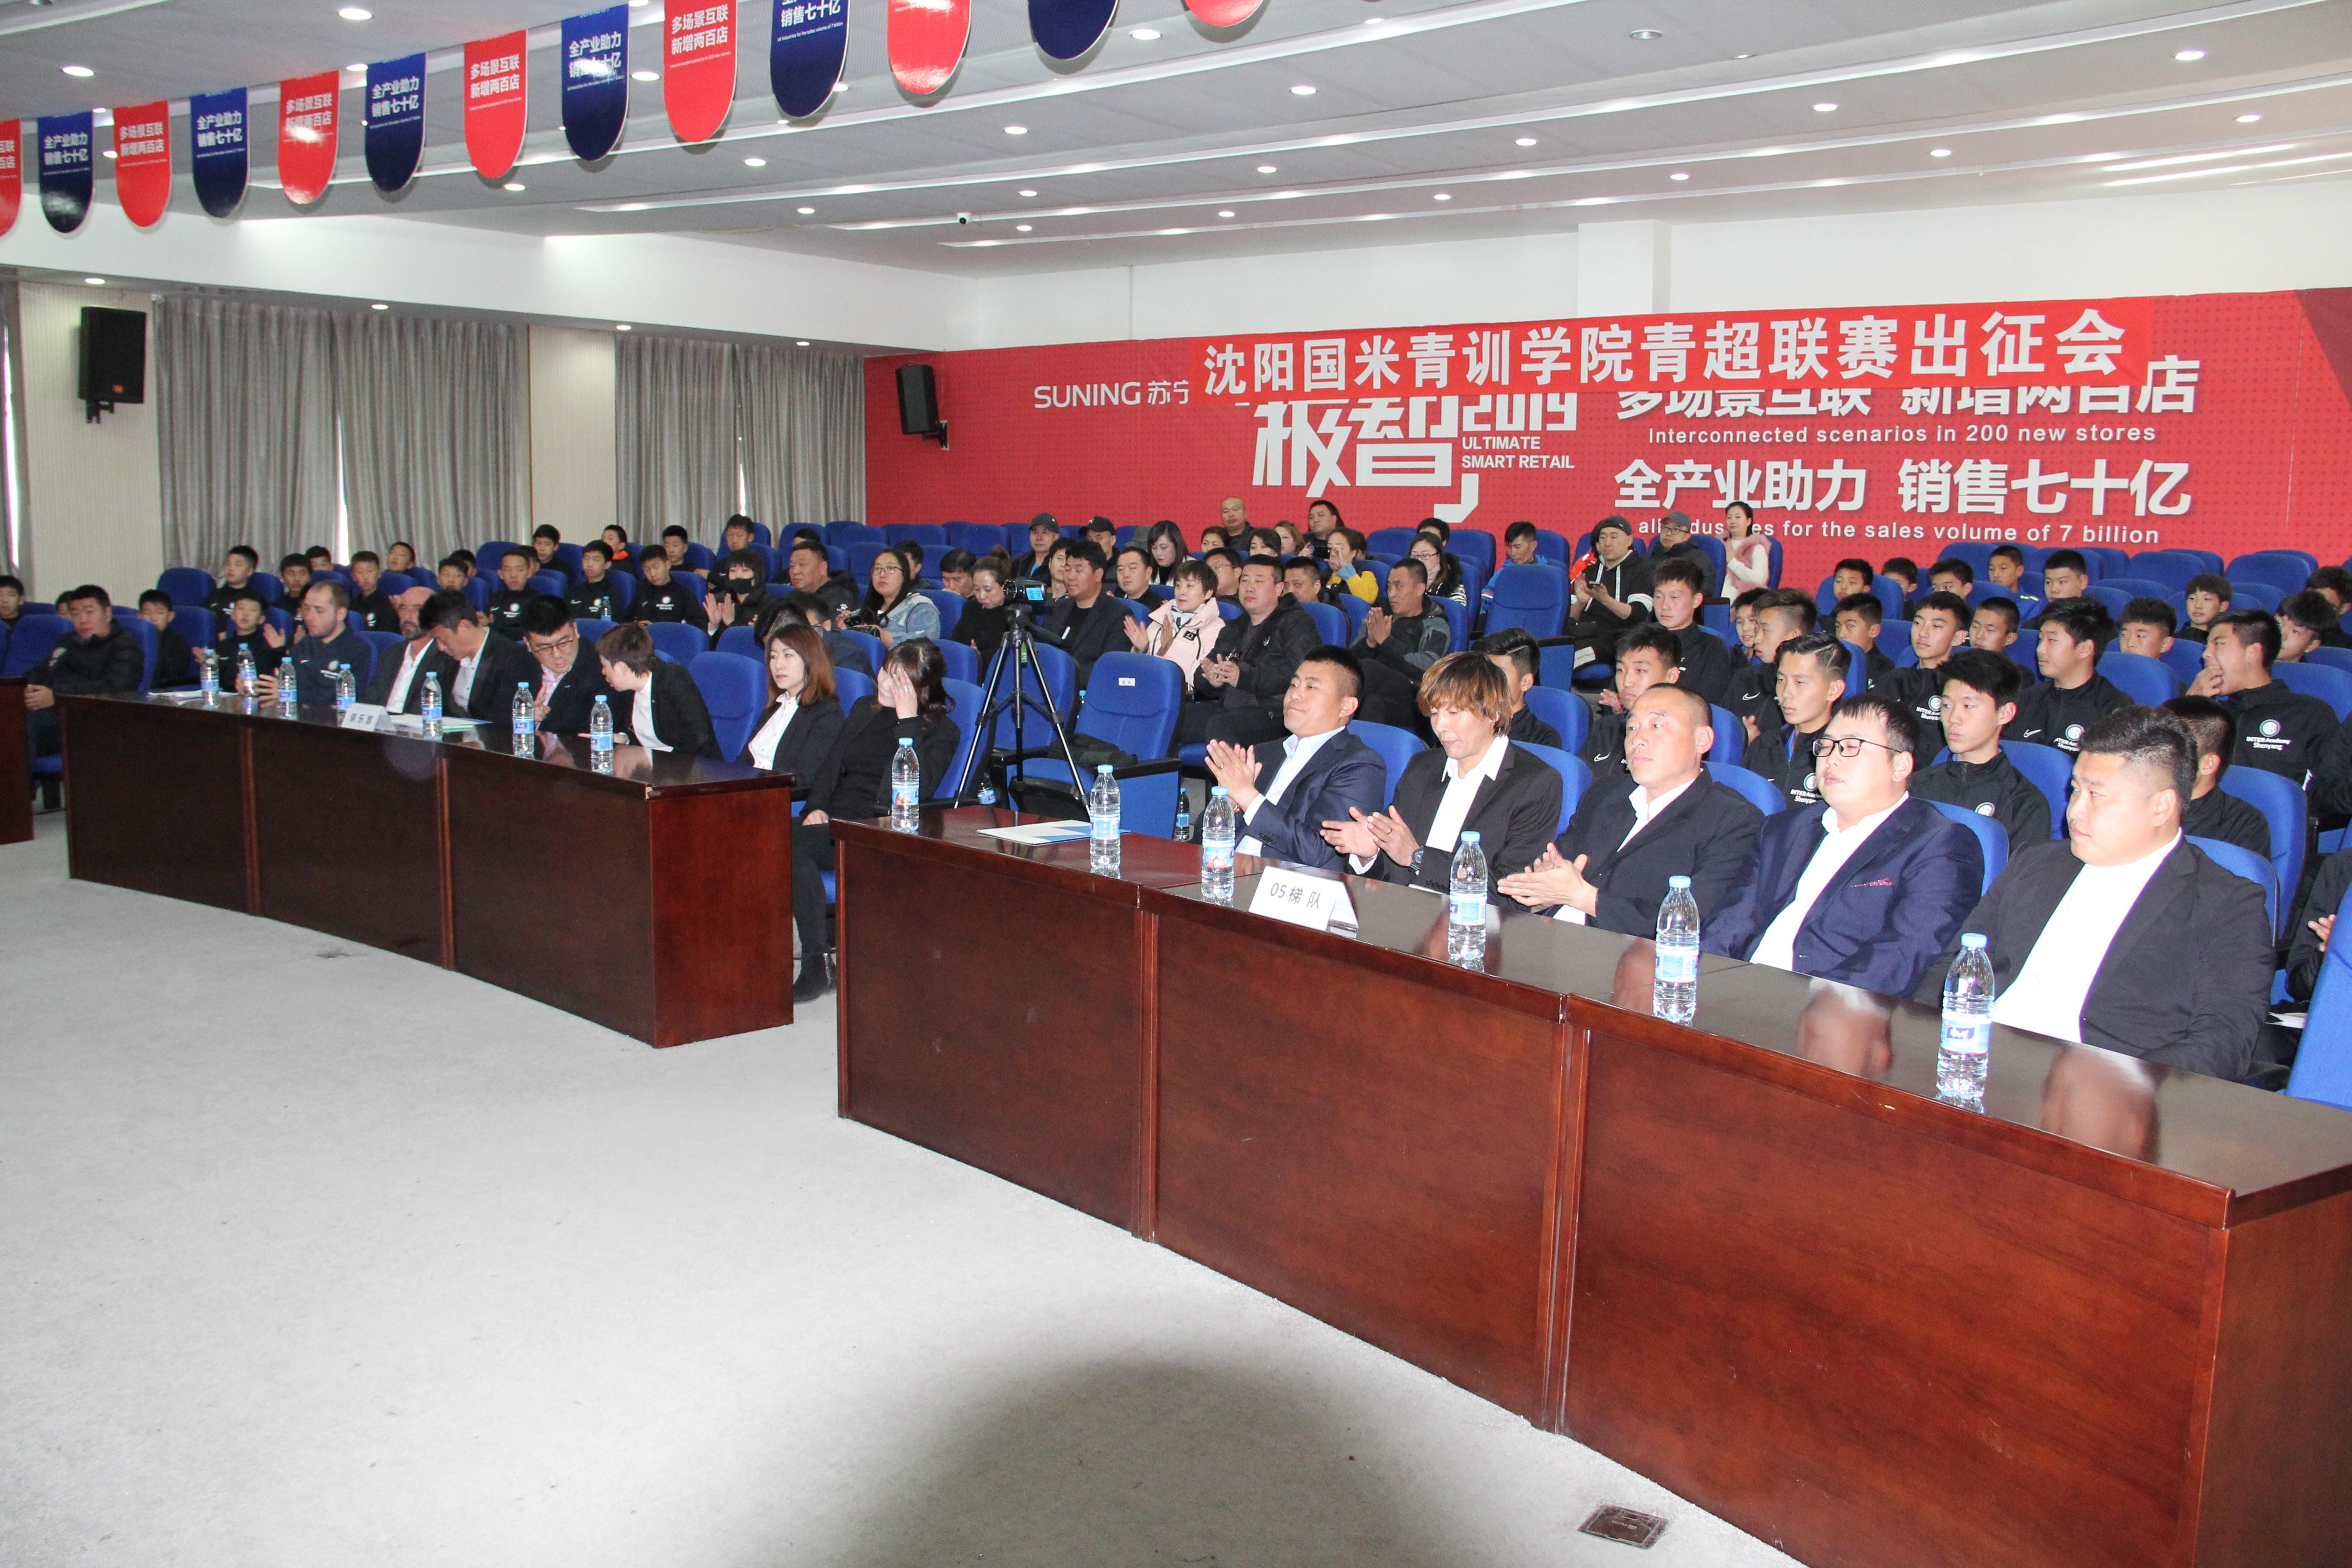 沈阳国米青训学院2019年度青超联赛出征会